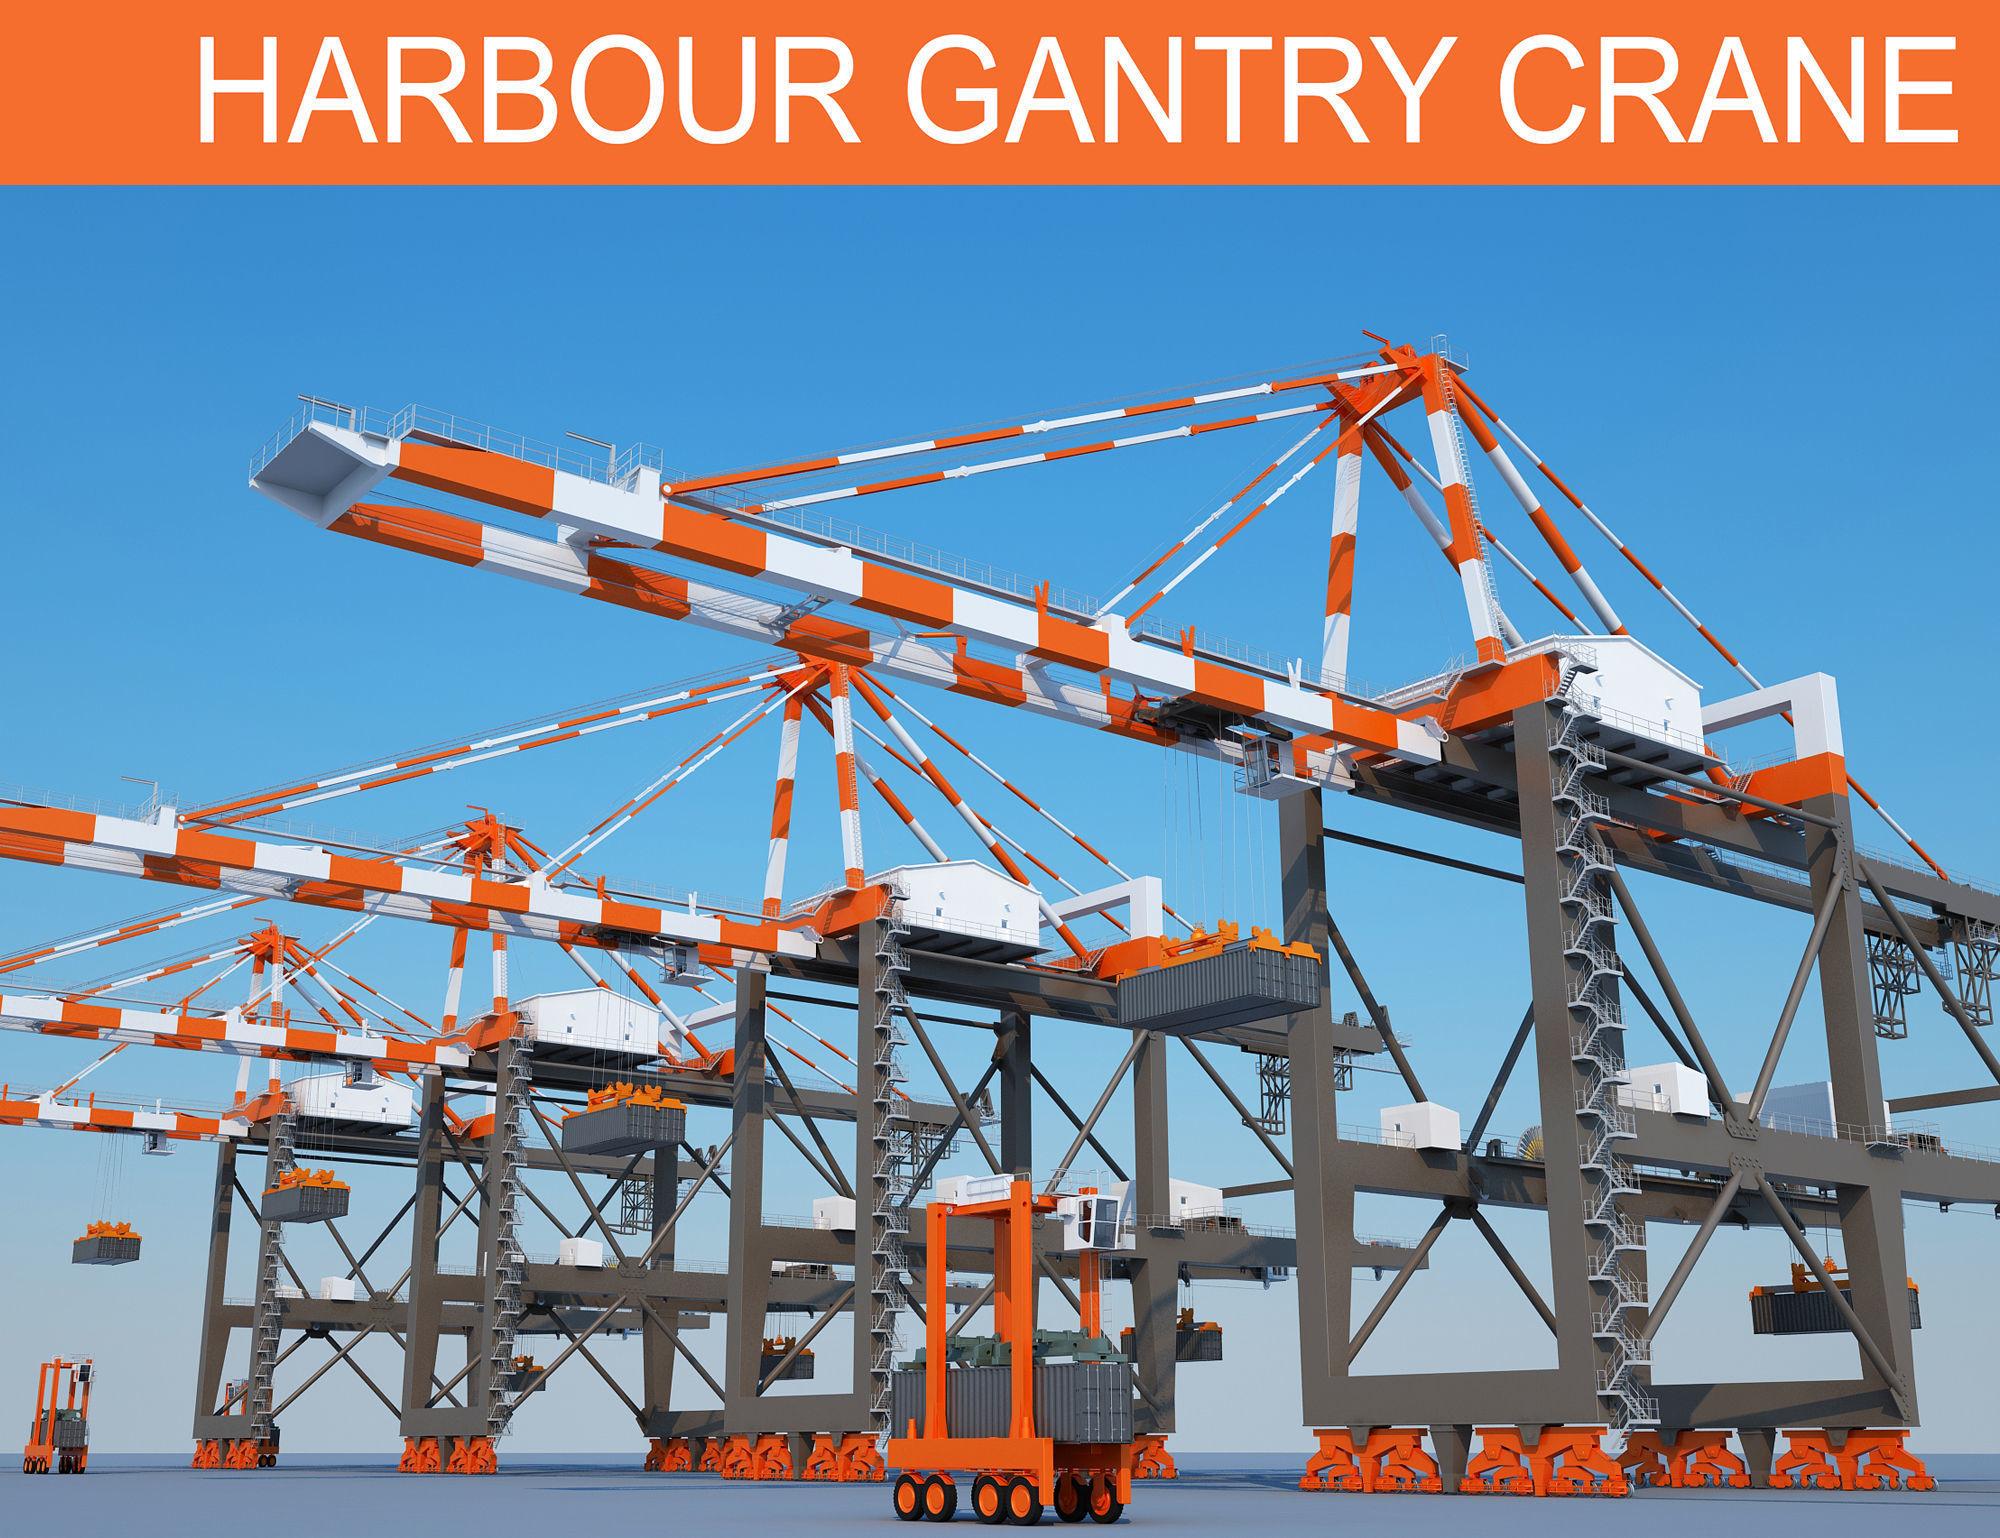 Harbour Cargo Crane